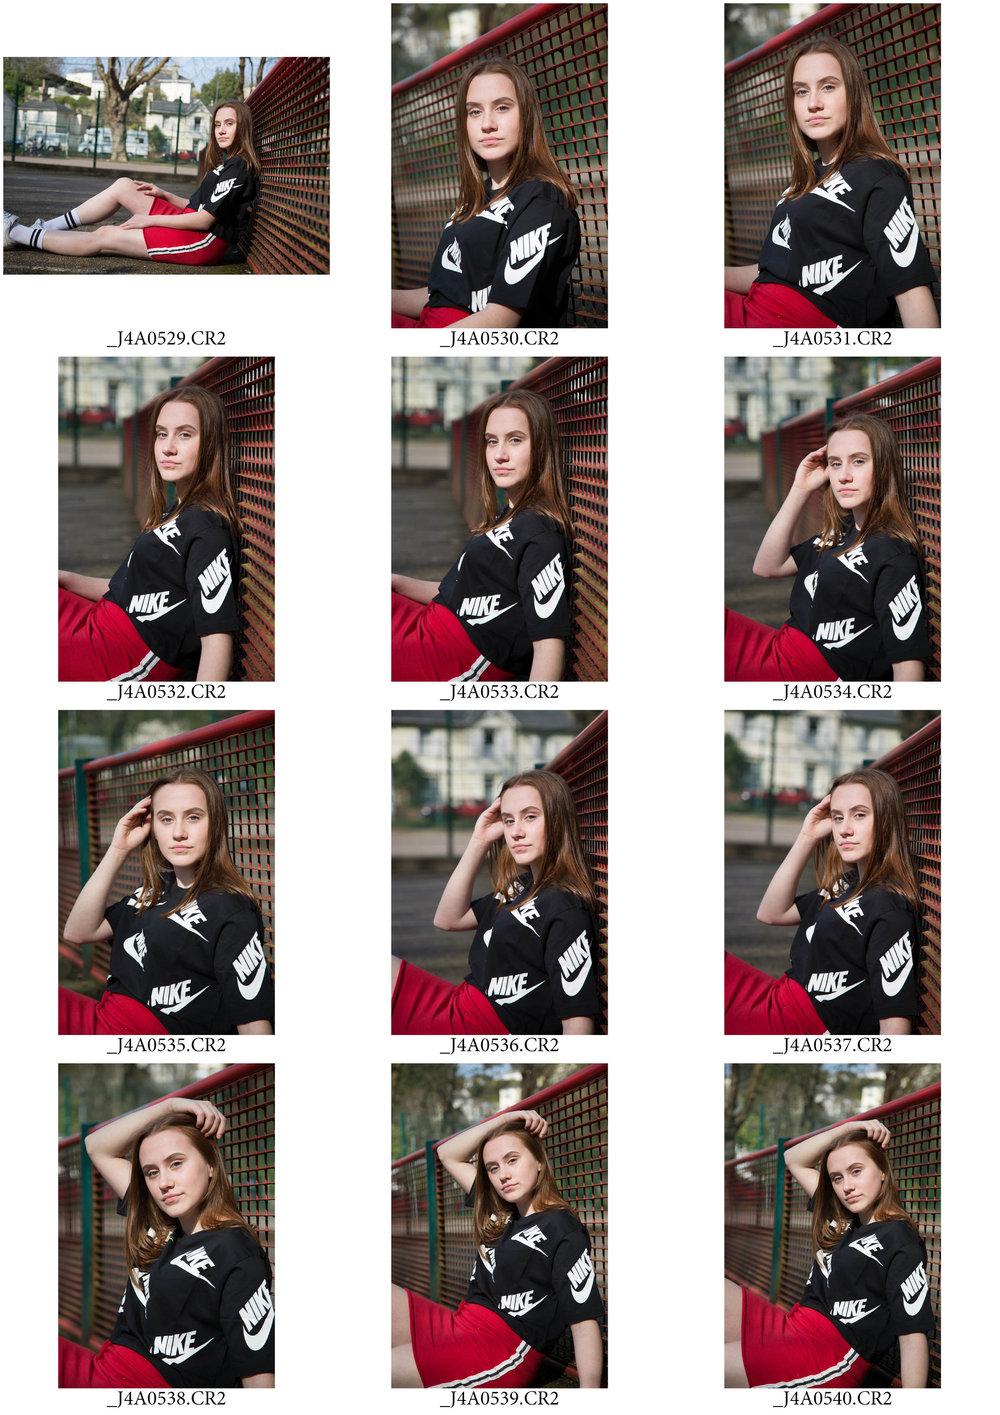 ContactSheet-003 copy.jpg